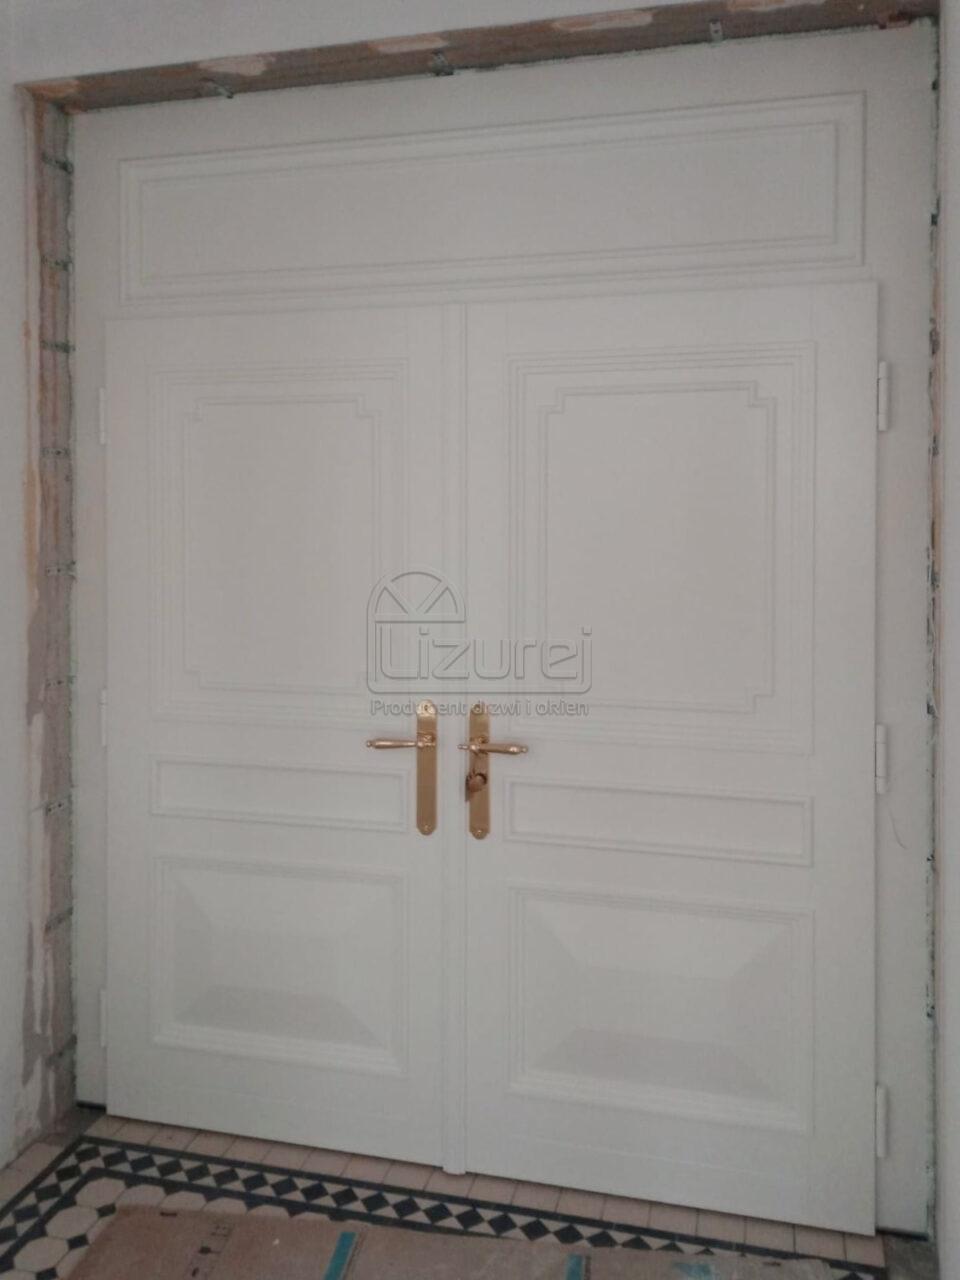 Producent Drzwi Drewnianych Na Wymiar Lizurej Galeria Zewnętrzne 55